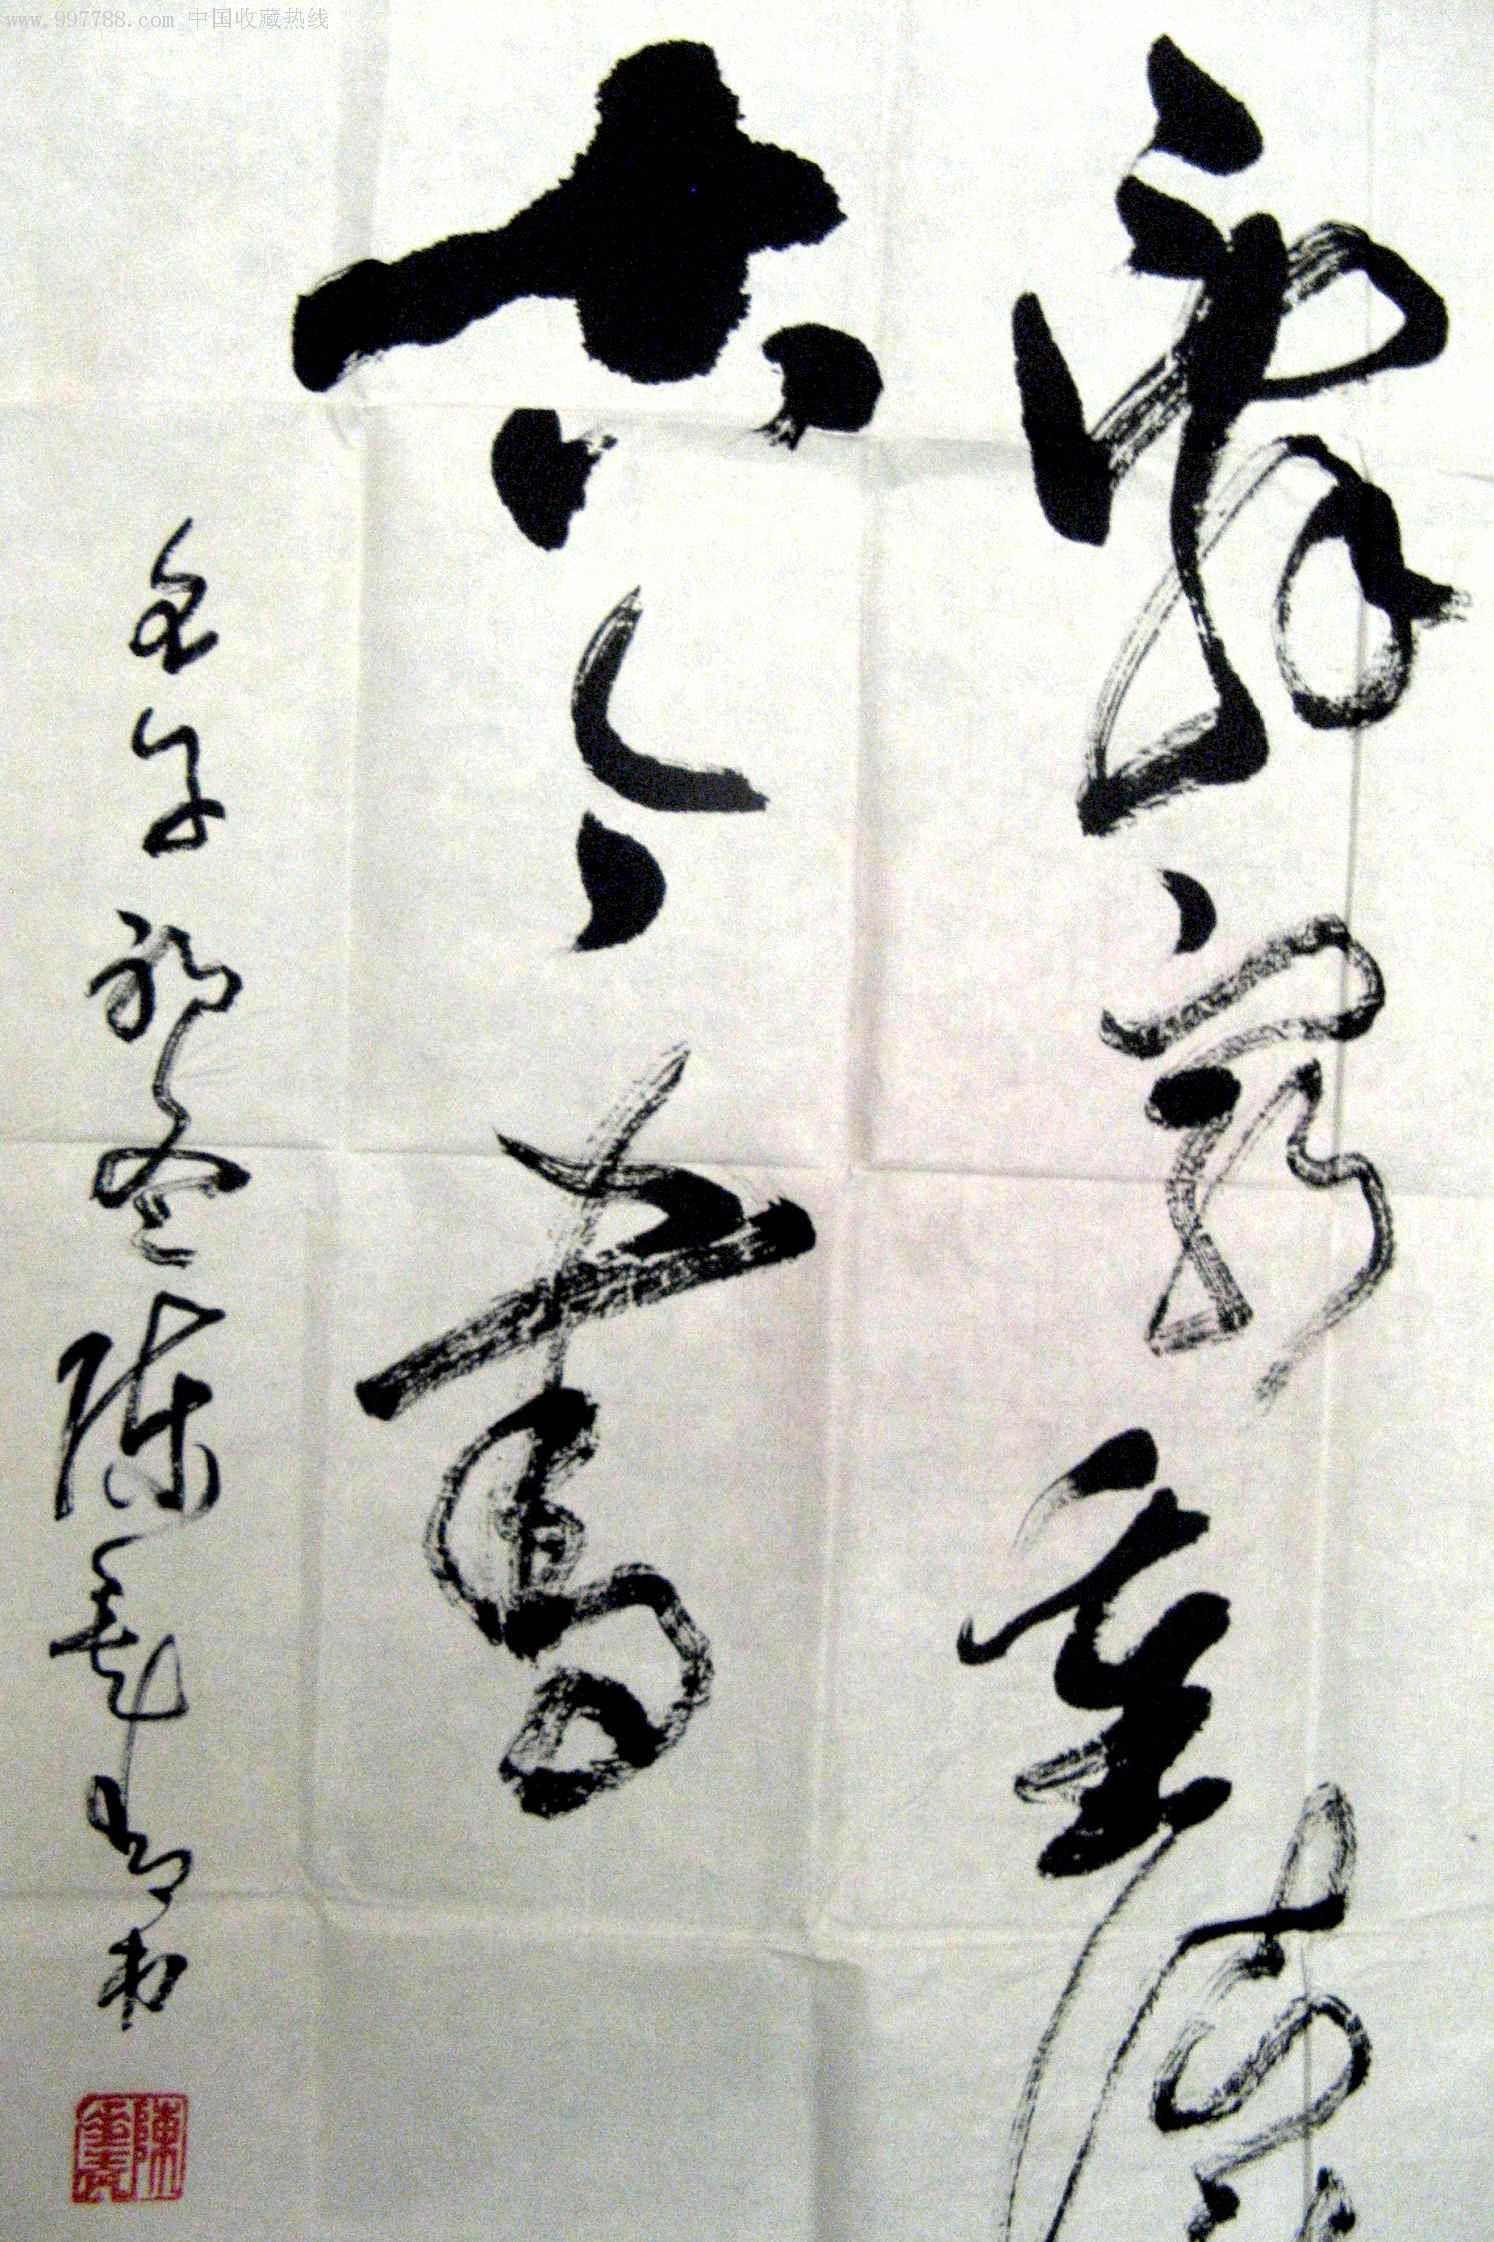 福建书法家四尺斗方草书图片